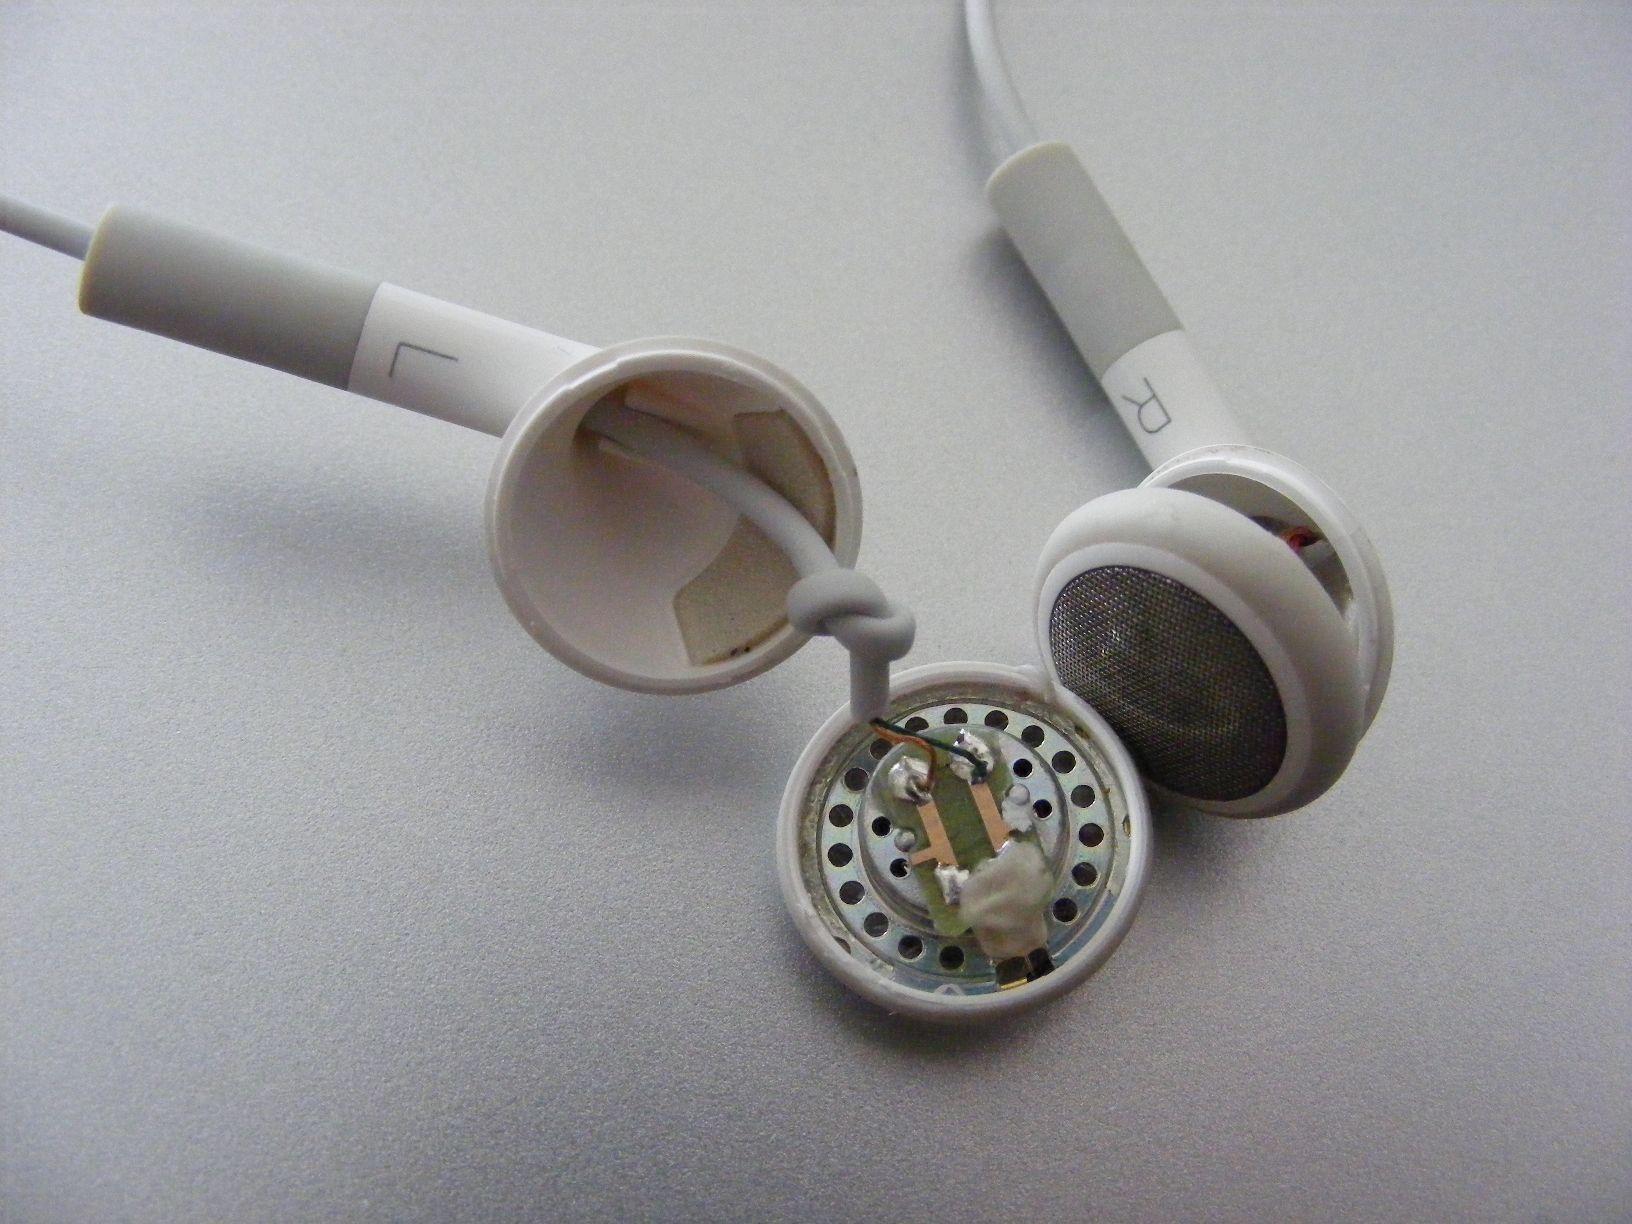 hogyan lehet eltávolítani a fejhallgatót